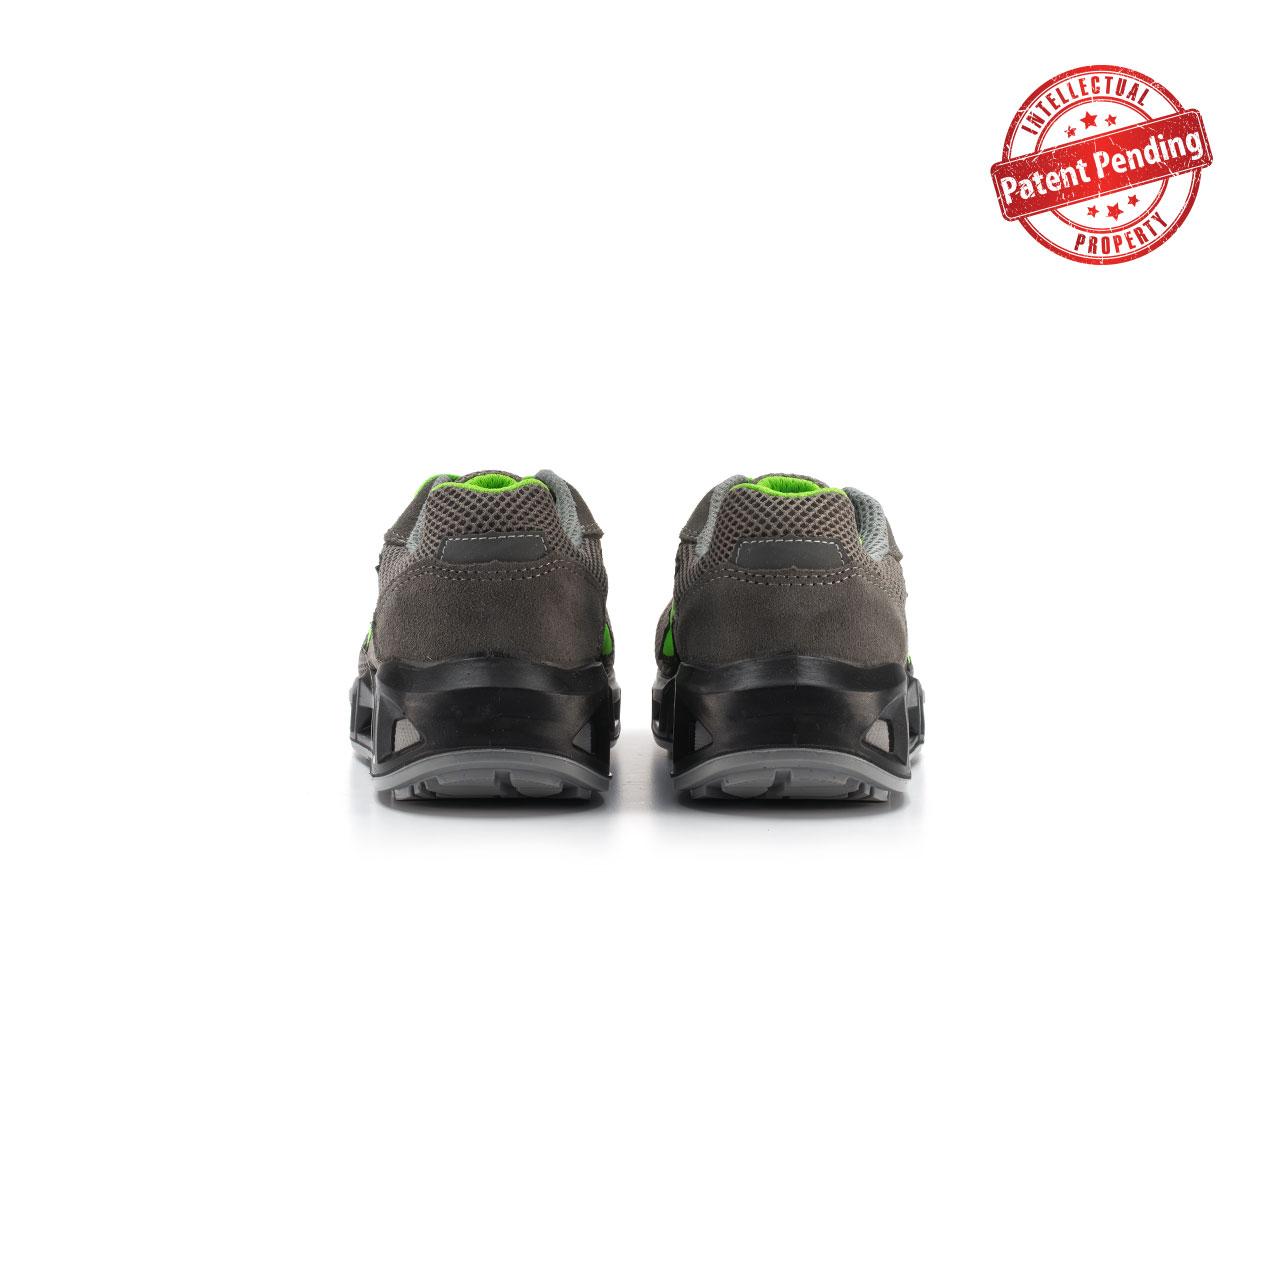 paio di scarpe antinfortunistiche upower modello summer carpet linea redcarpet vista retro